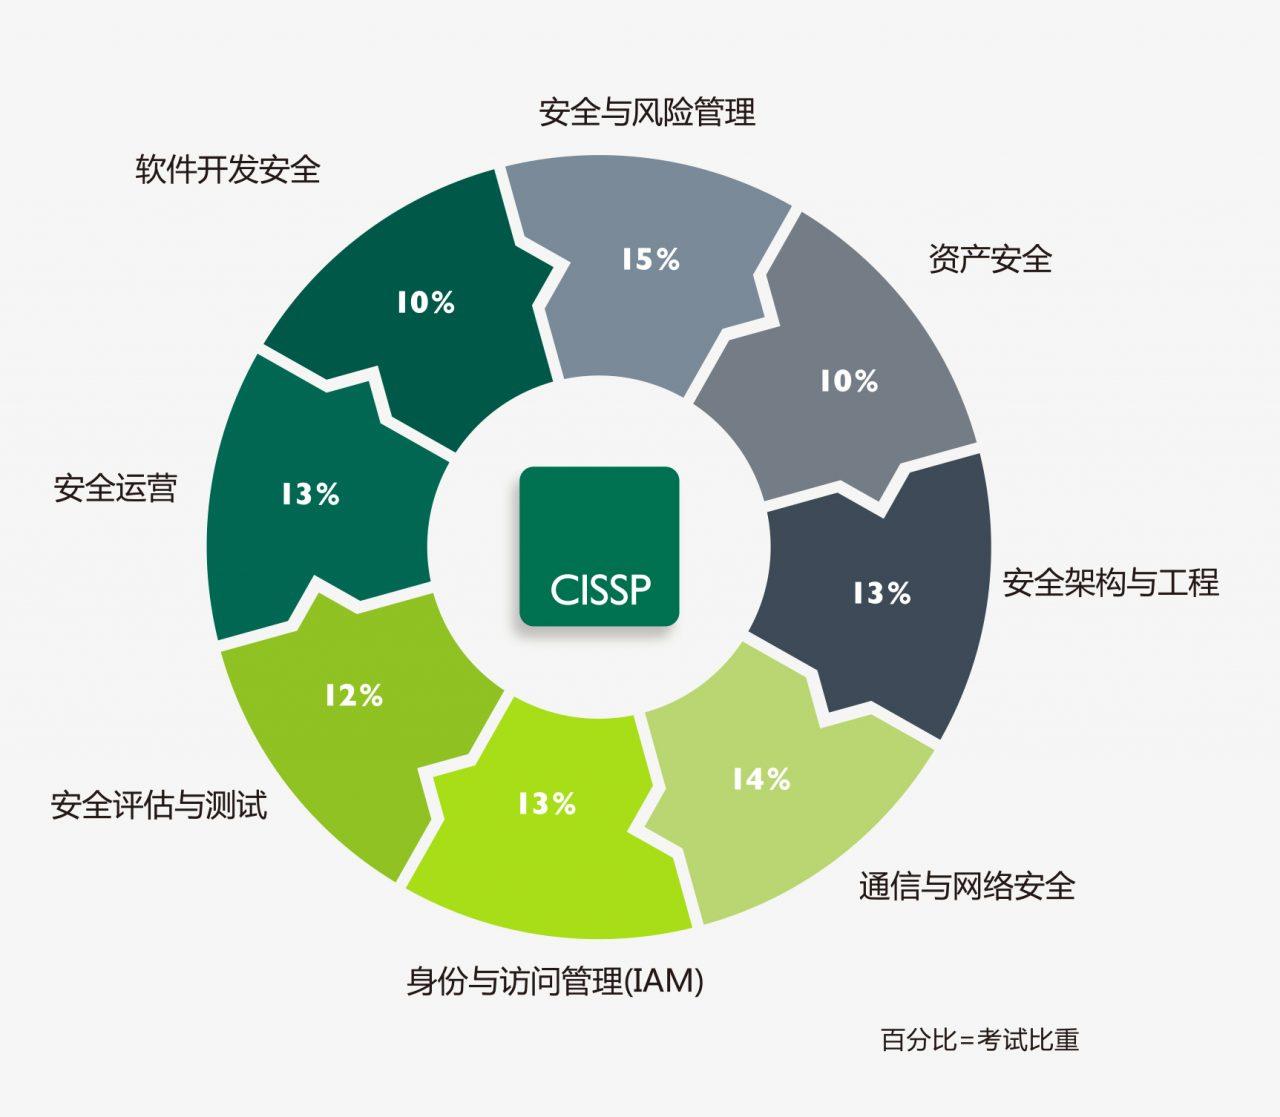 喜讯!恭喜来自CISSP-网课班的学员李振伟通过考试 -- 第2张